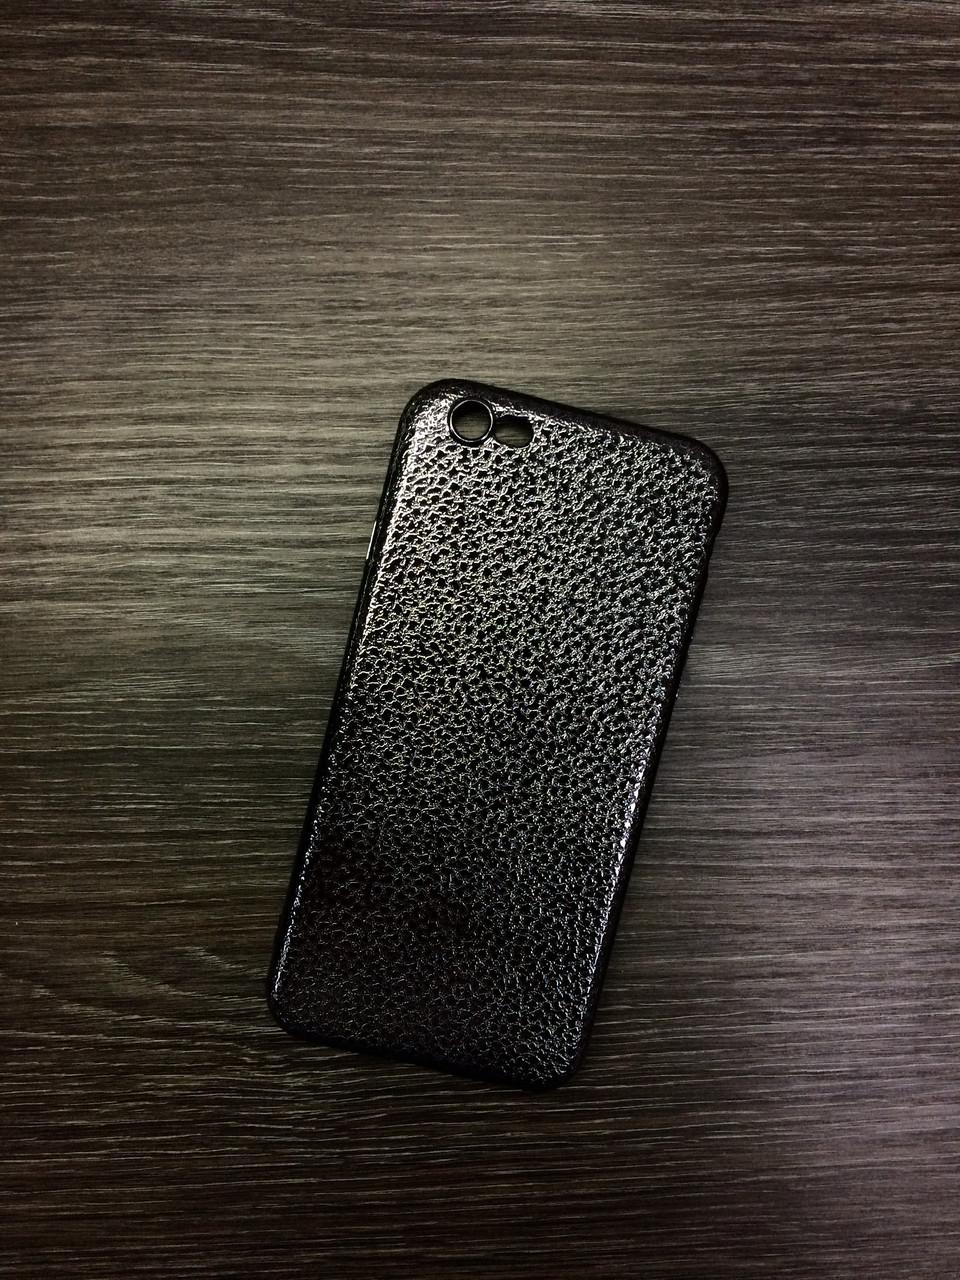 Силиконовый чехол для iPhone 6 / 6S Черный под кожу